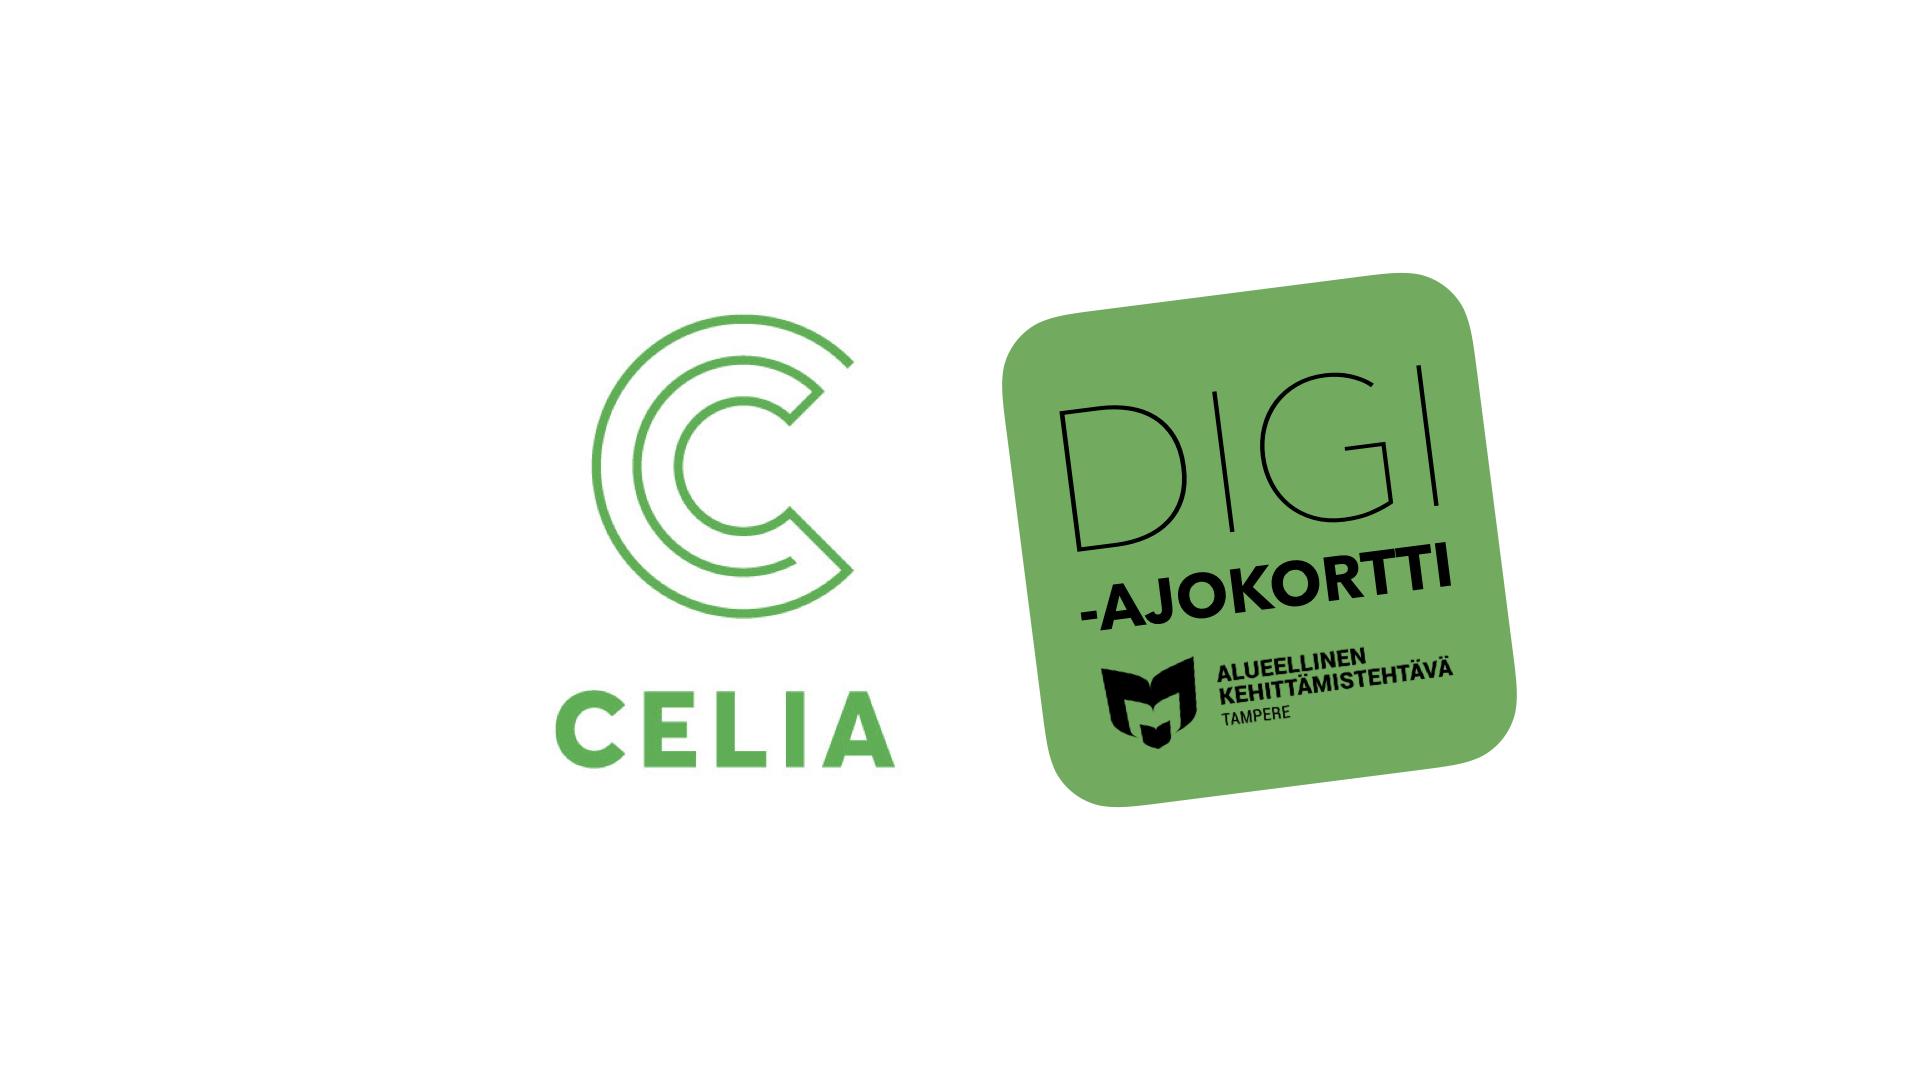 Kuvassa on Celian tunnus ja digiajokortin logo.